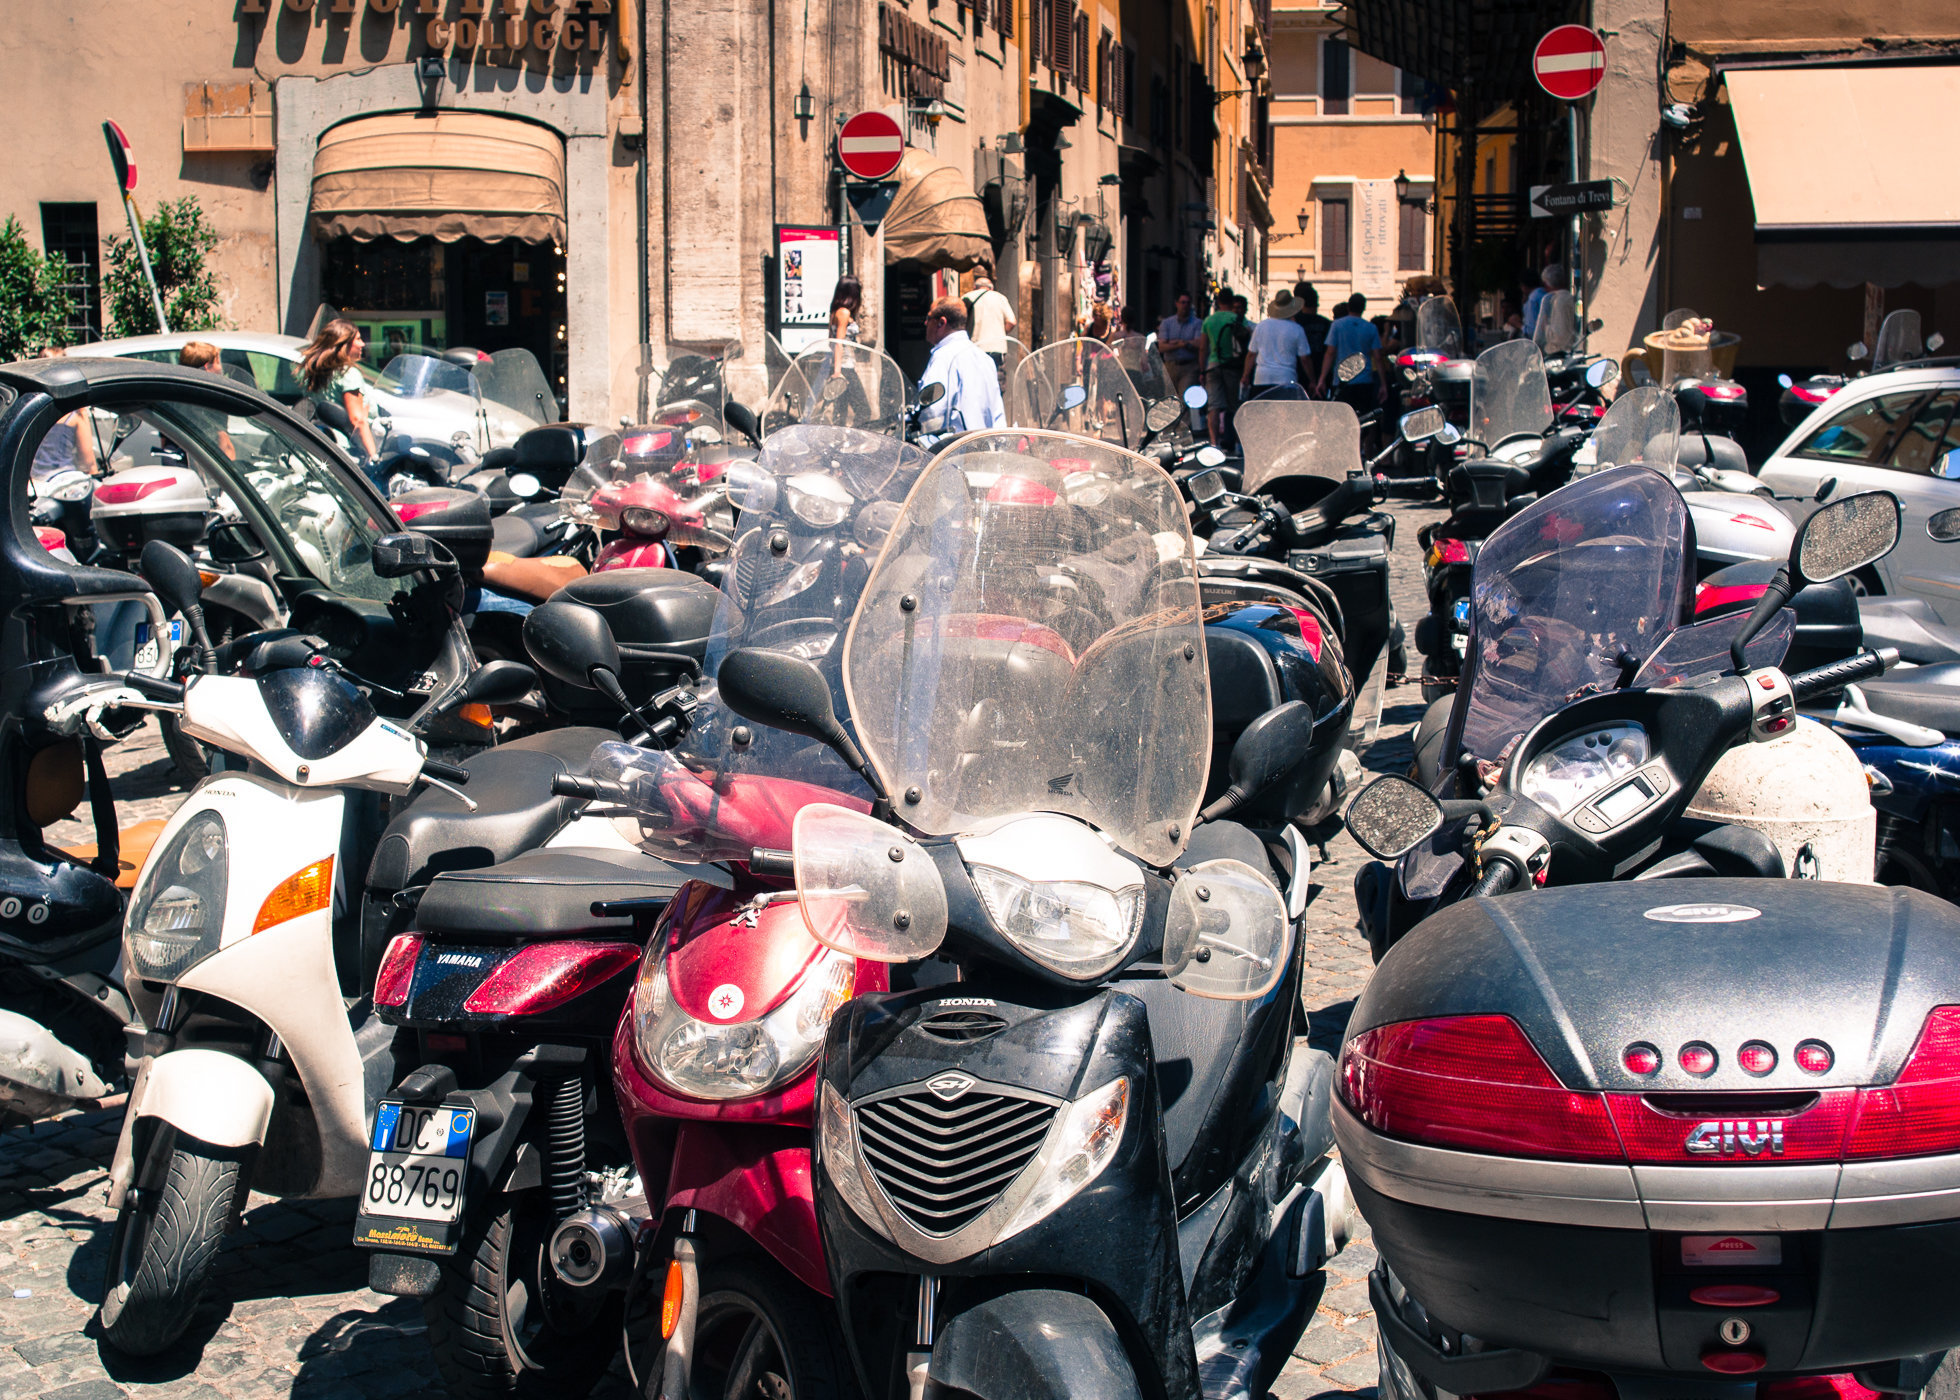 Rome-1000089.jpg